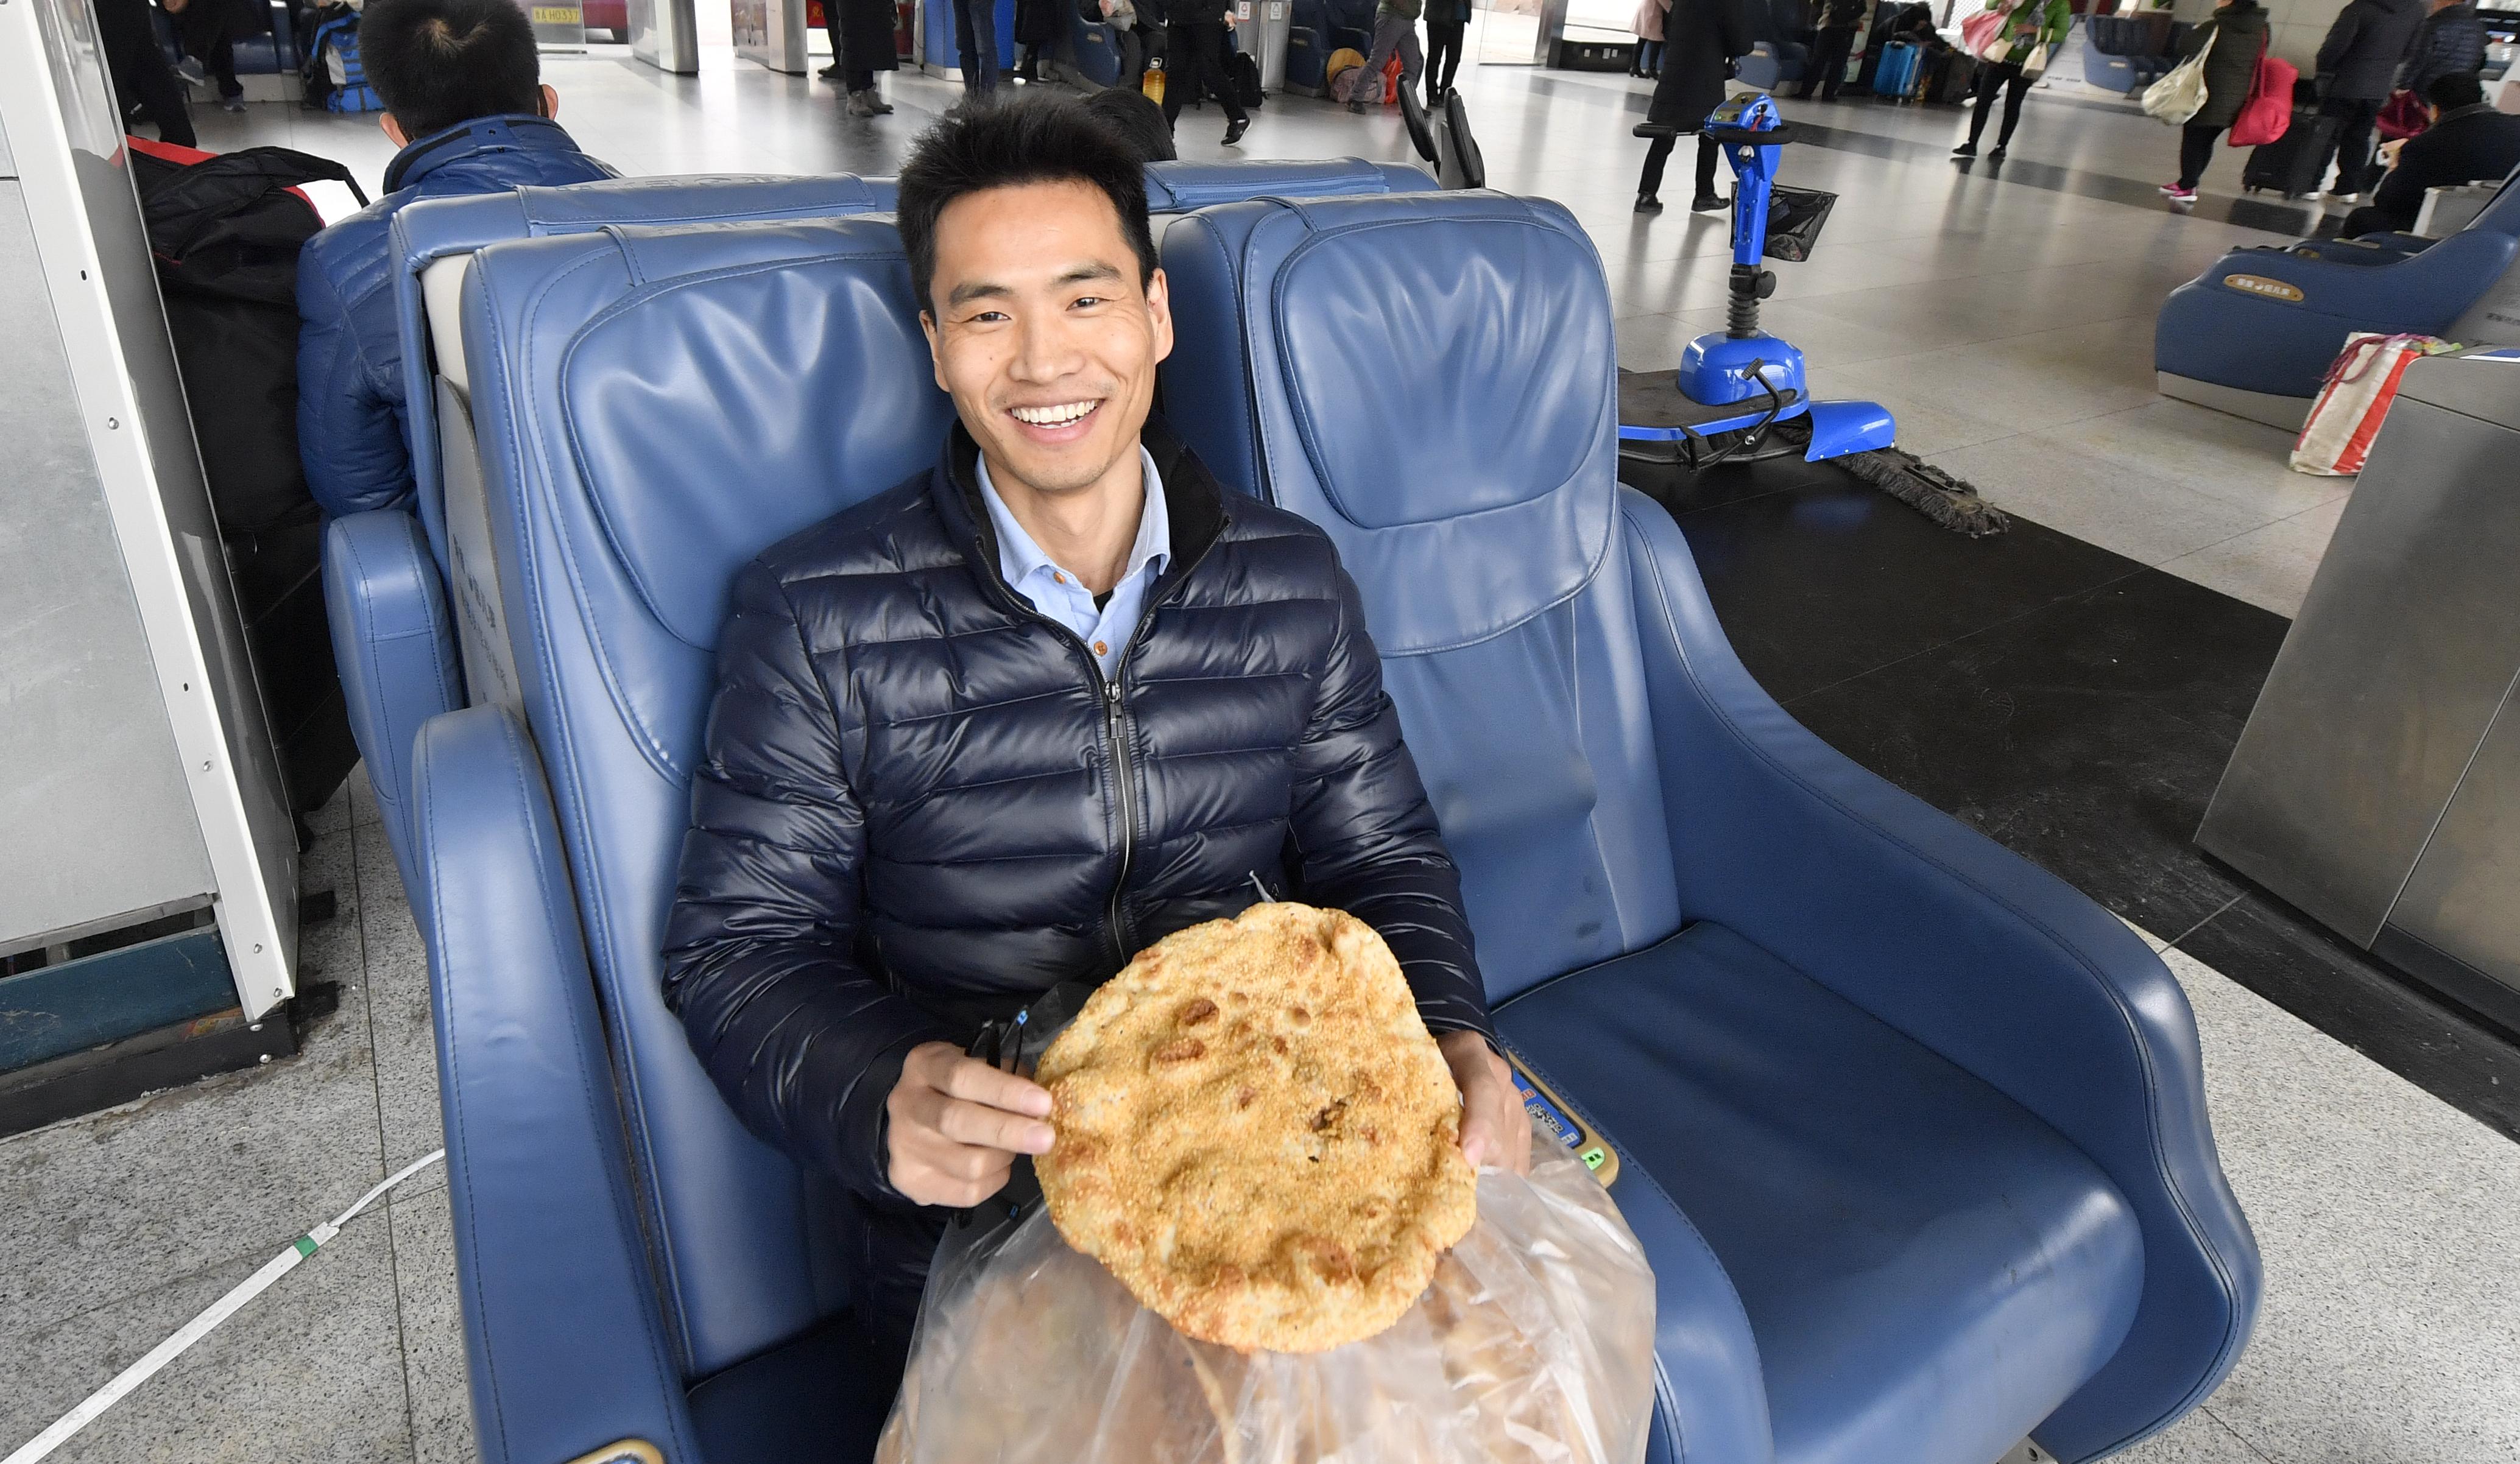 69秒|淄博小伙带20个烧饼返程上班 最难忘的是家乡的味道